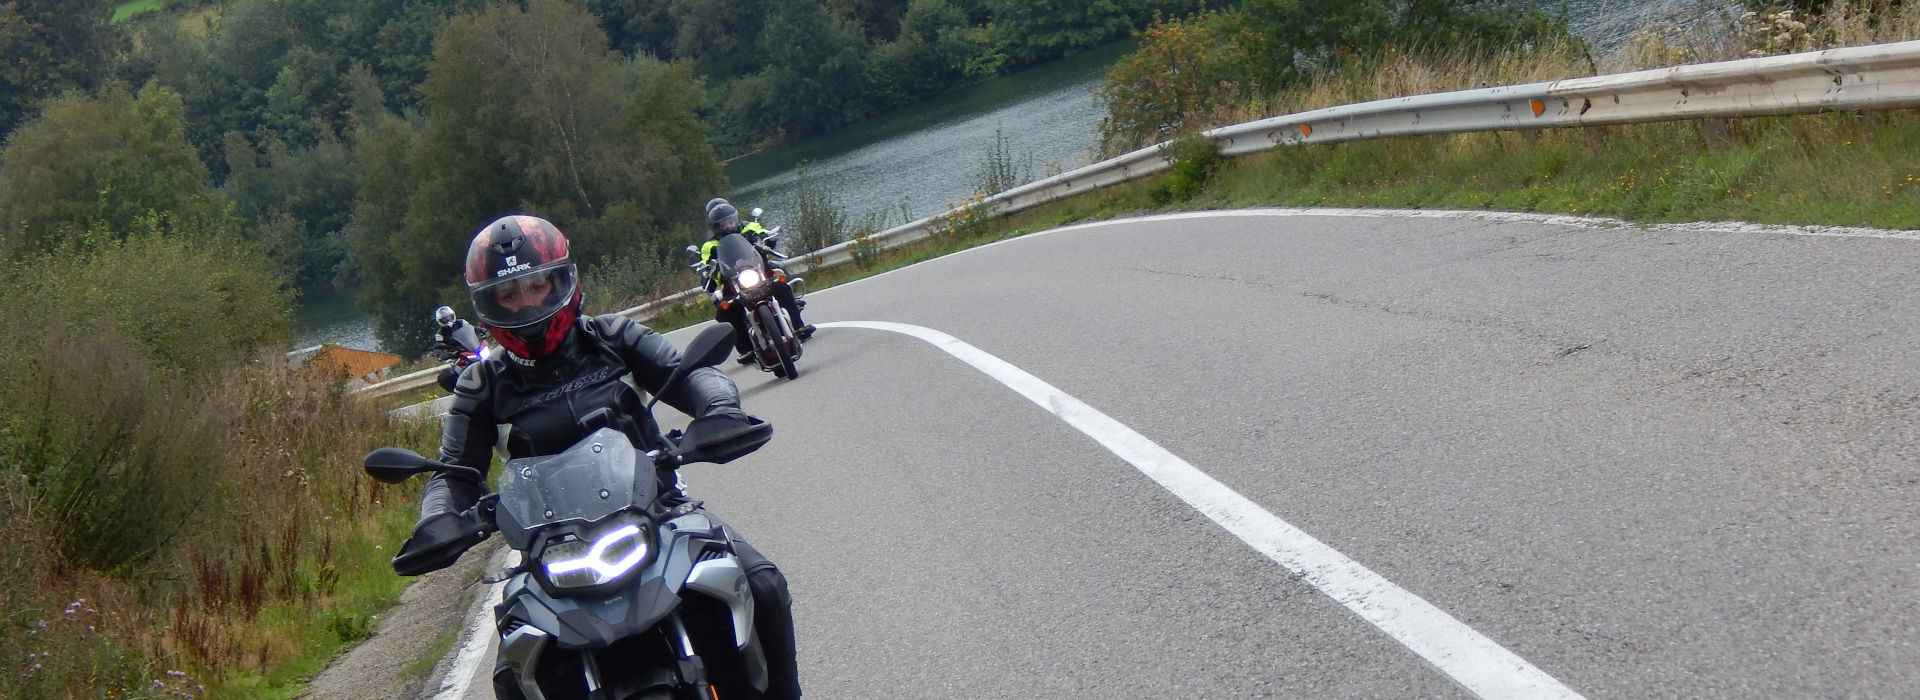 Motorrijbewijspoint Muiderslot snelcursus motorrijbewijs